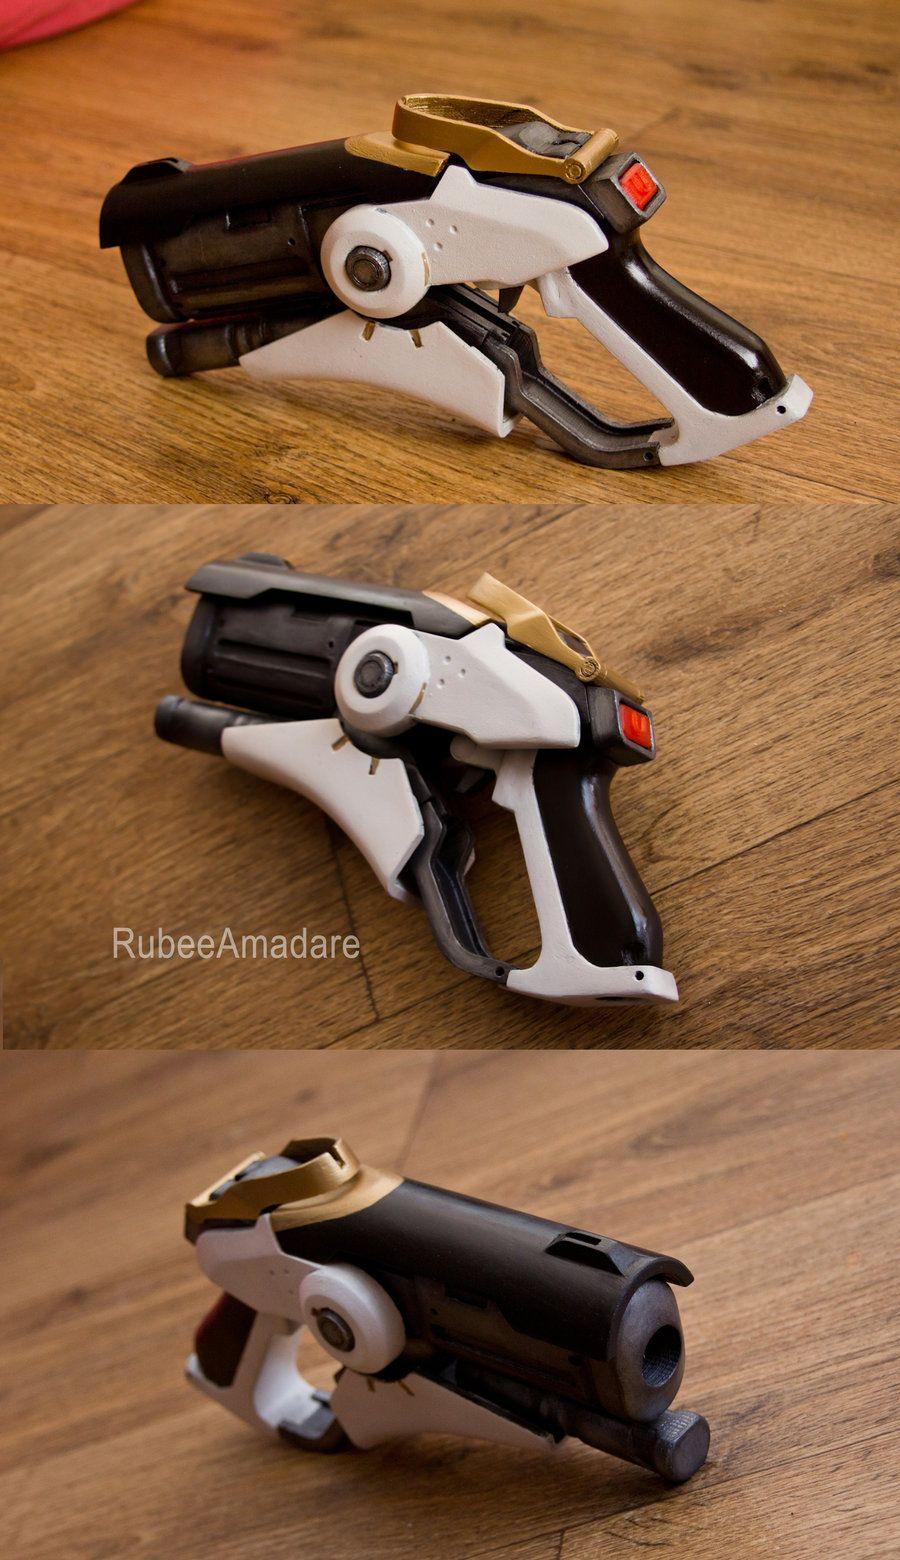 Overwatch - Mercy cosplay gun by RubeeAmadare